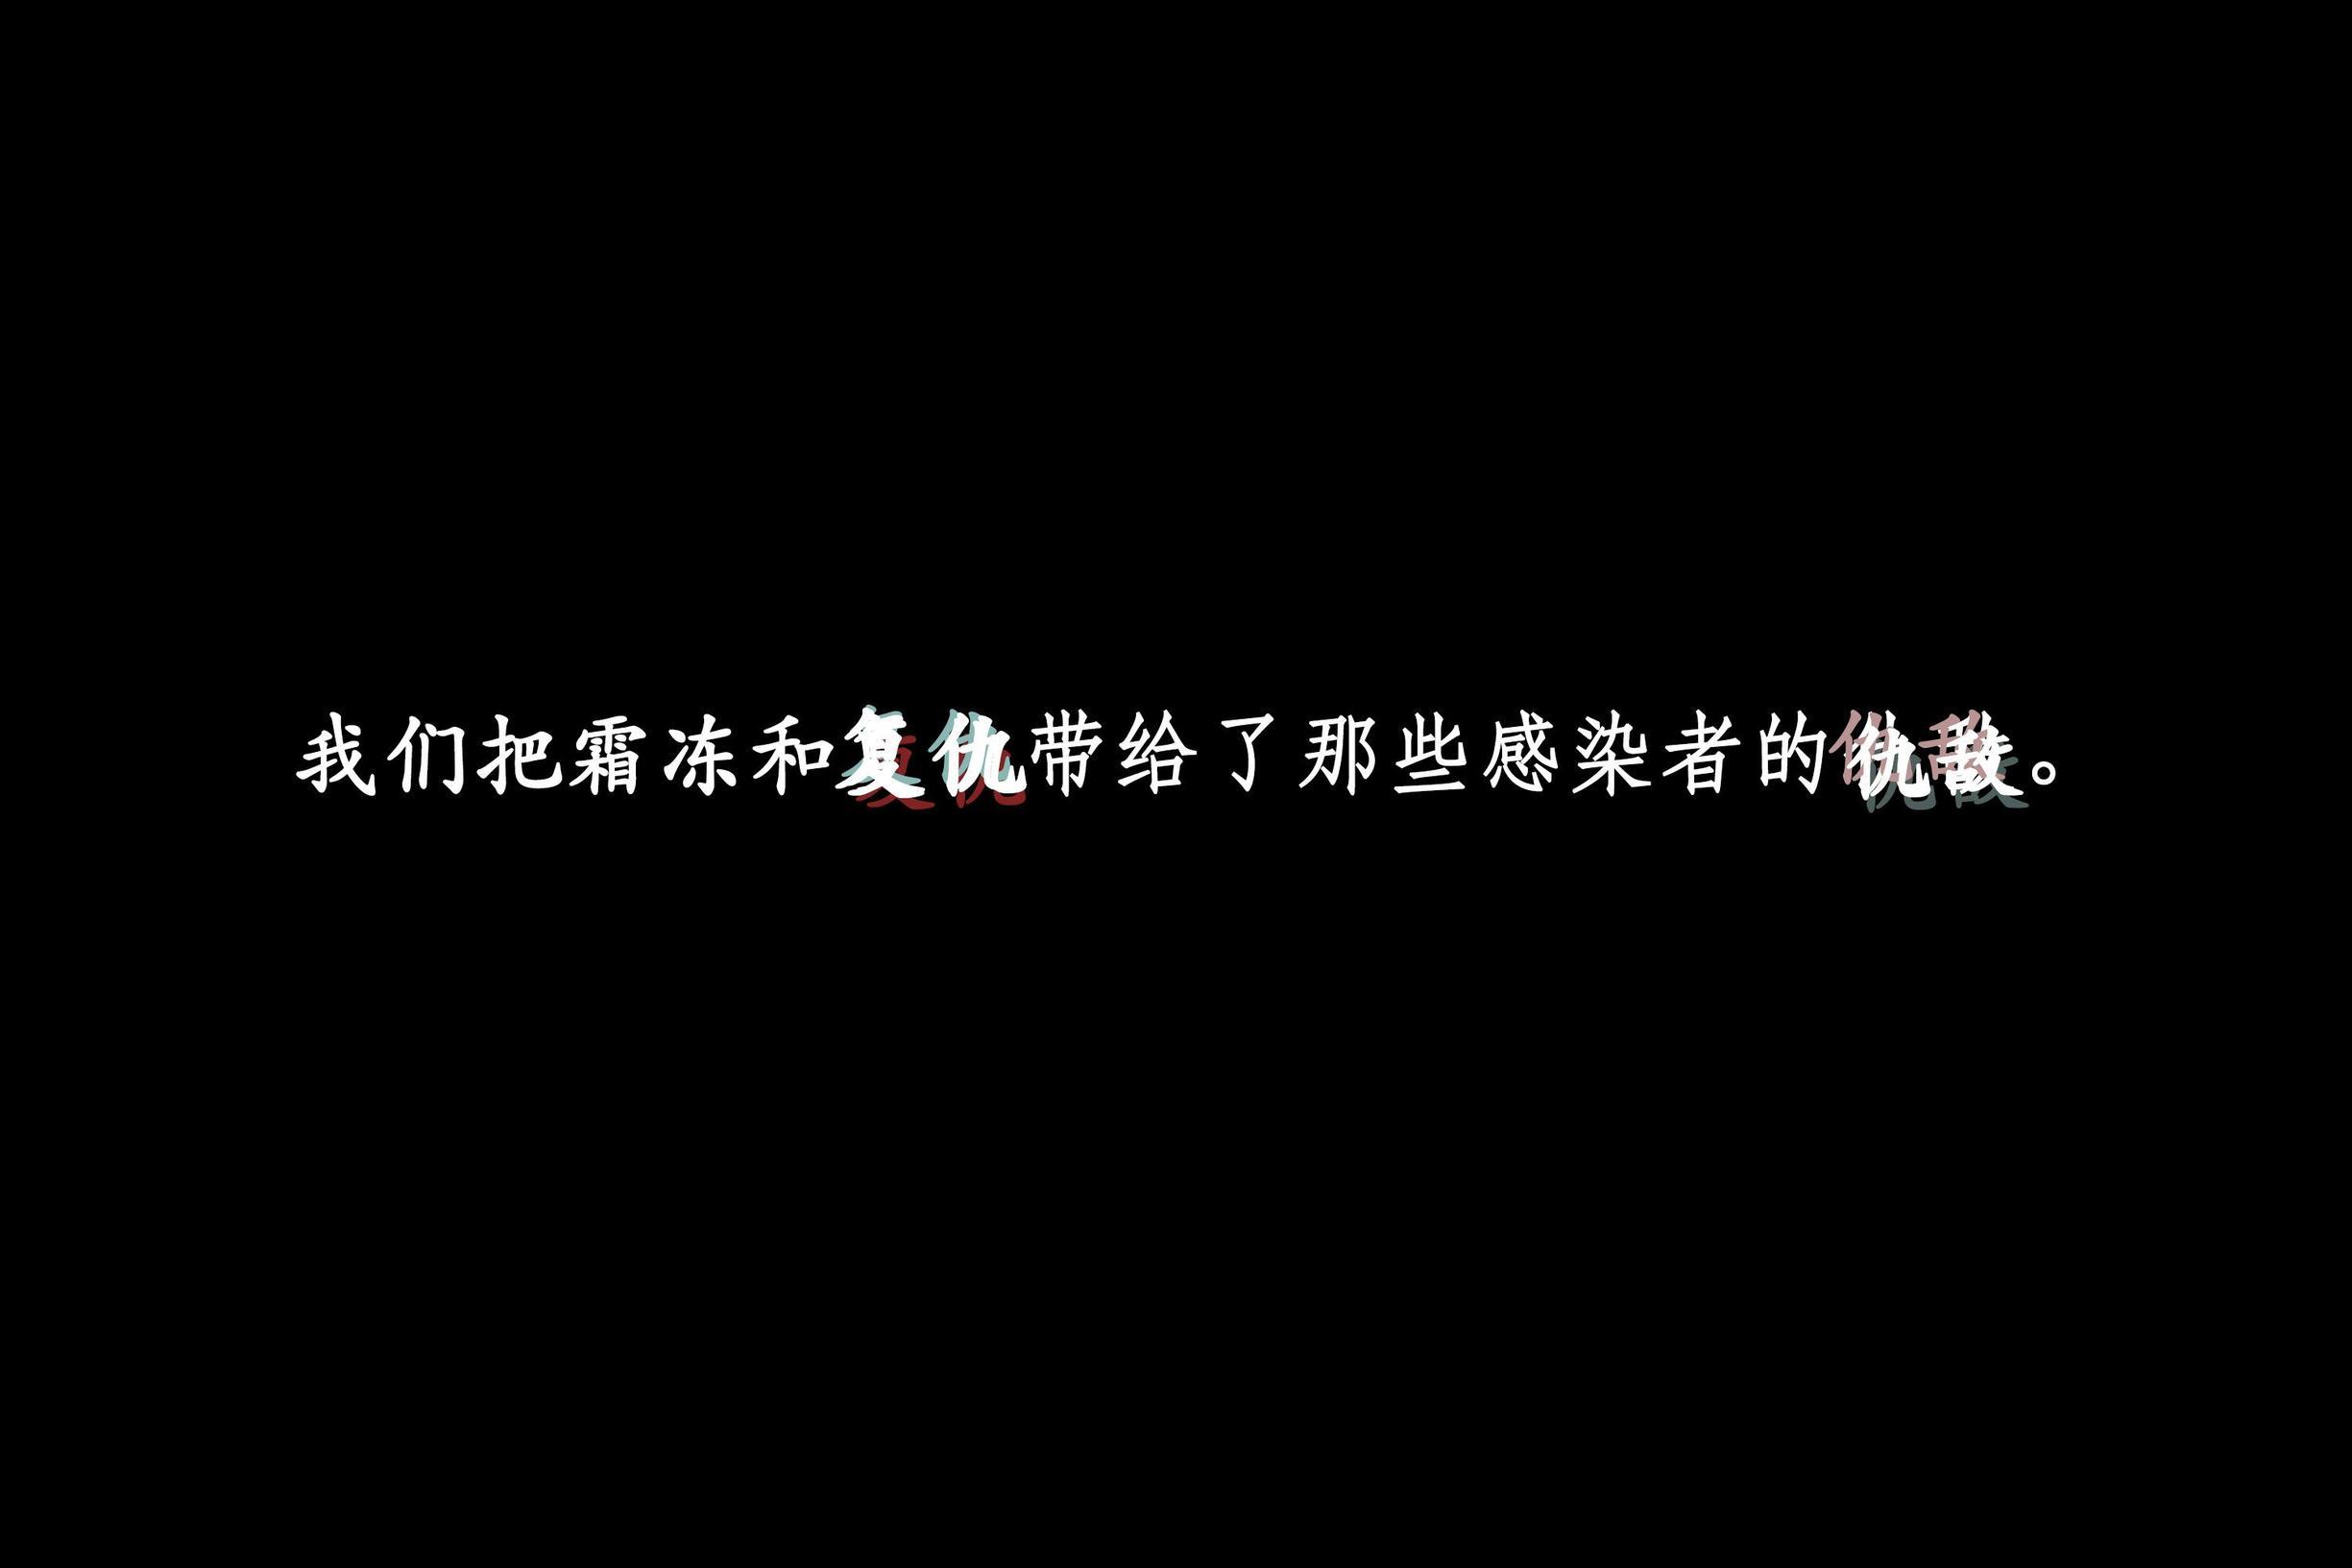 《明日方舟》正片cosplay【CN:-爵冷-】-第2张